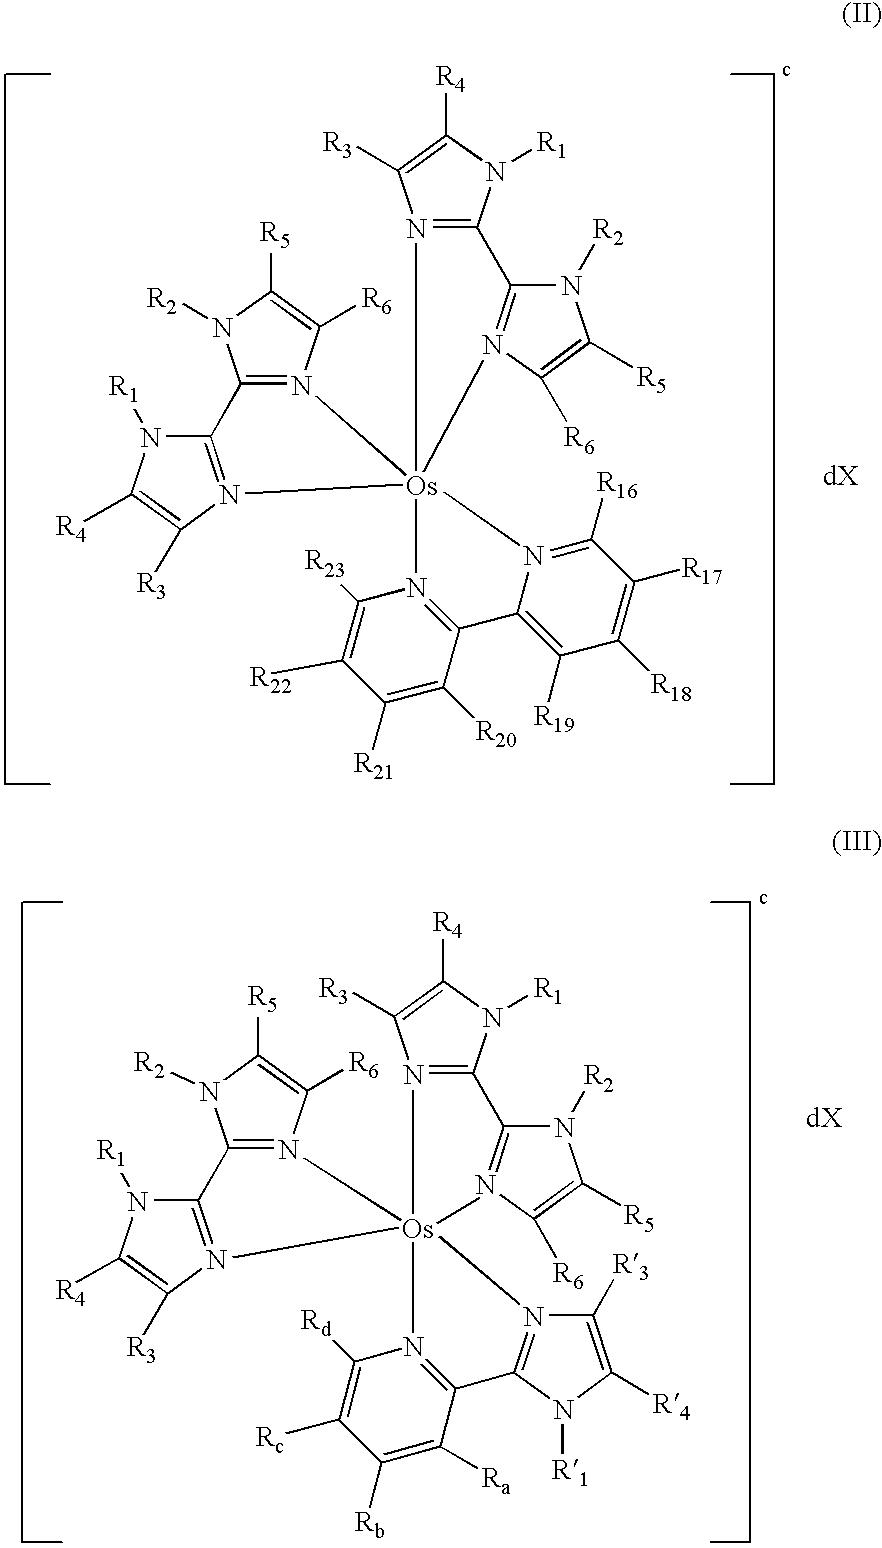 Figure US20090294307A1-20091203-C00002